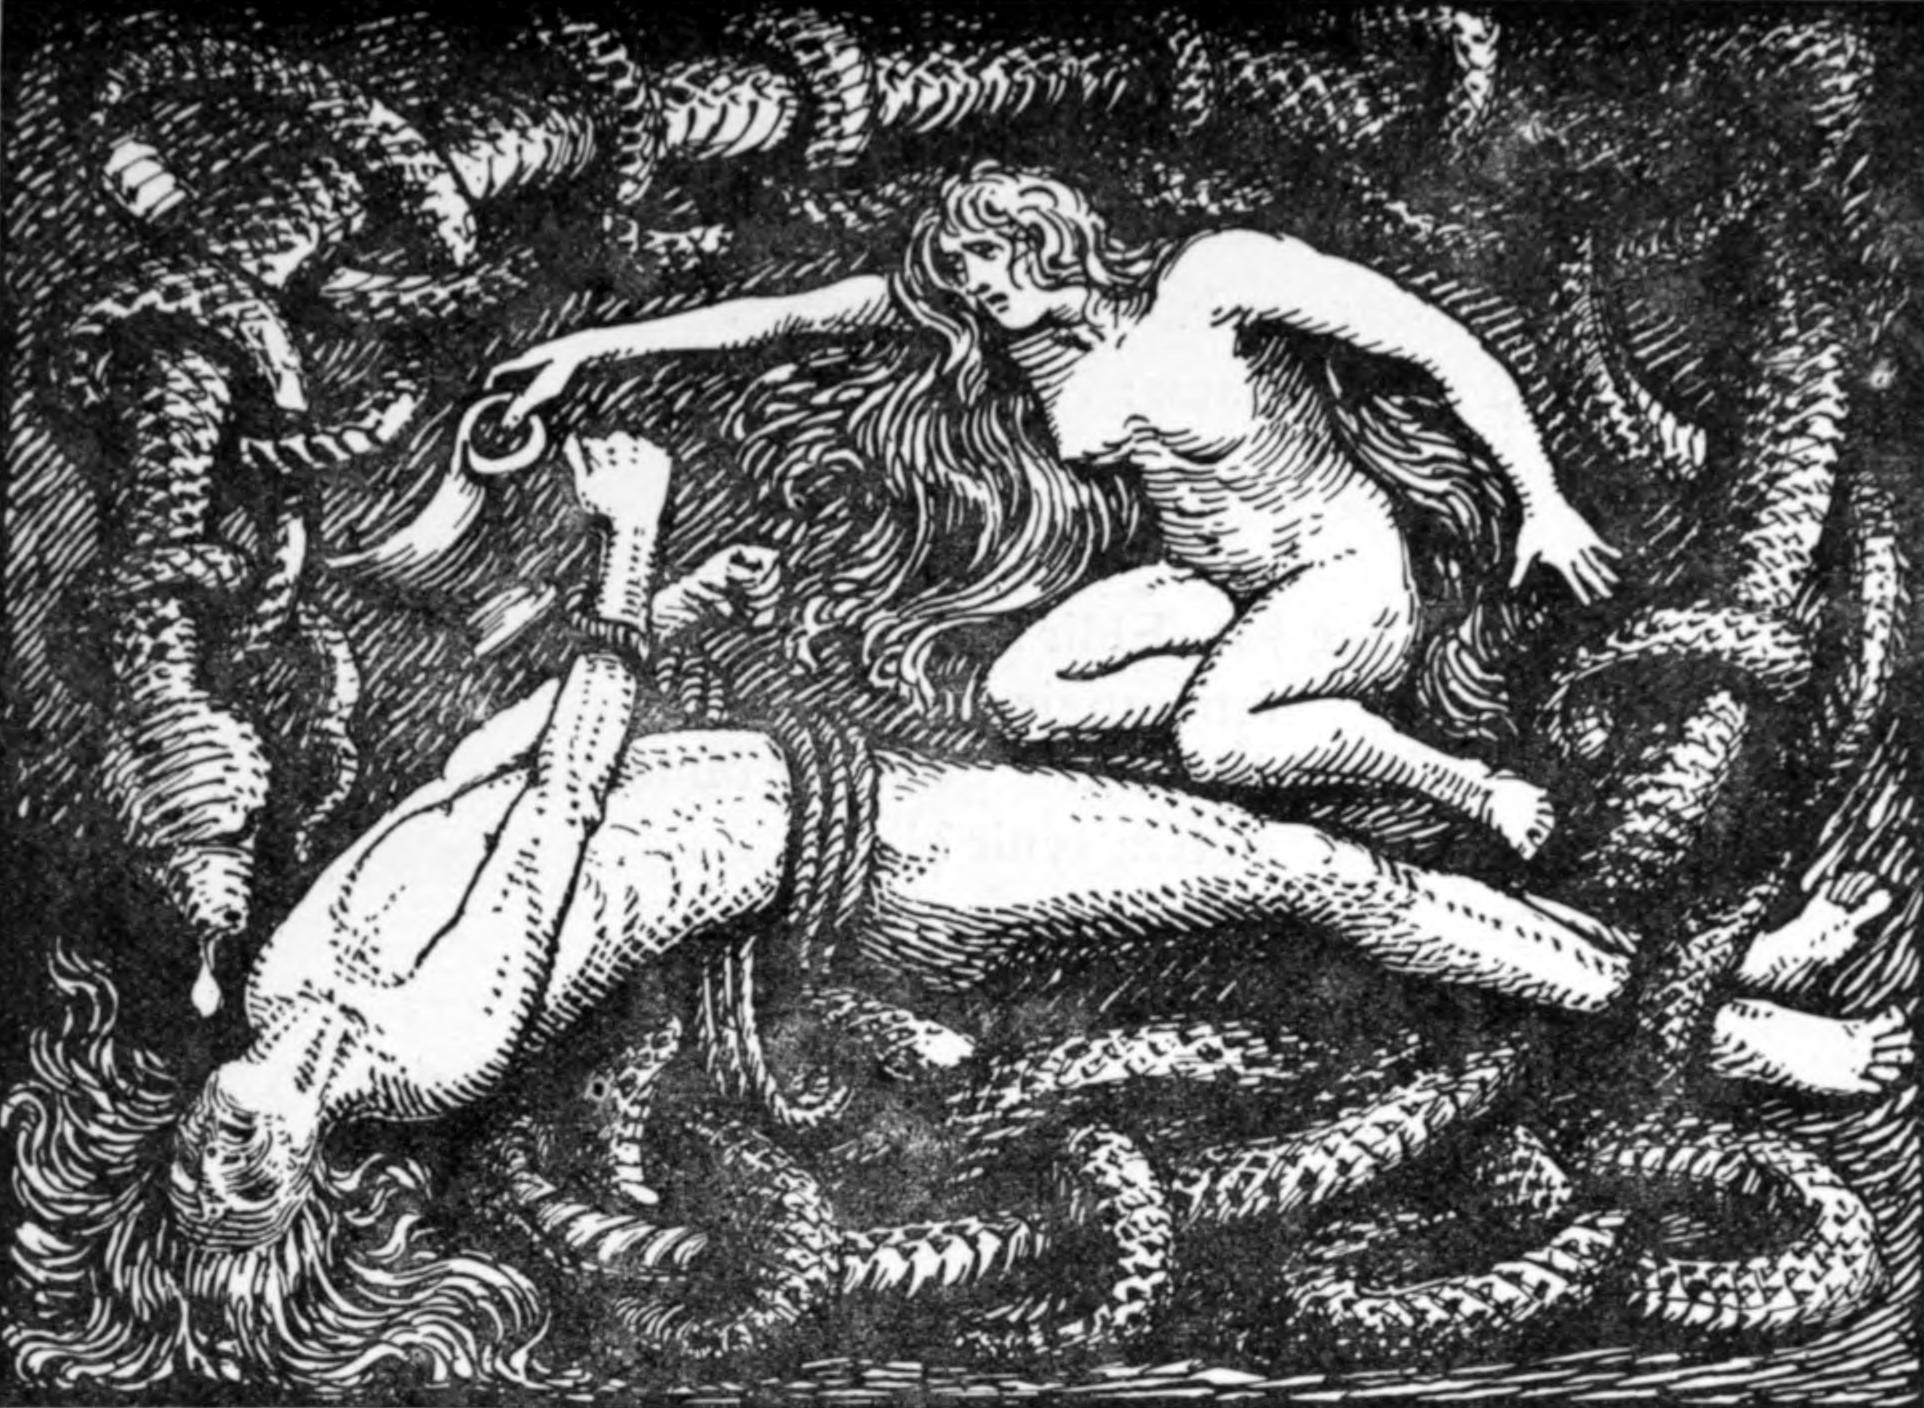 White apron ragnarok - Loki And Sigyn Norse And Celtic Mythology Pinterest Loki And Sigyn And Loki